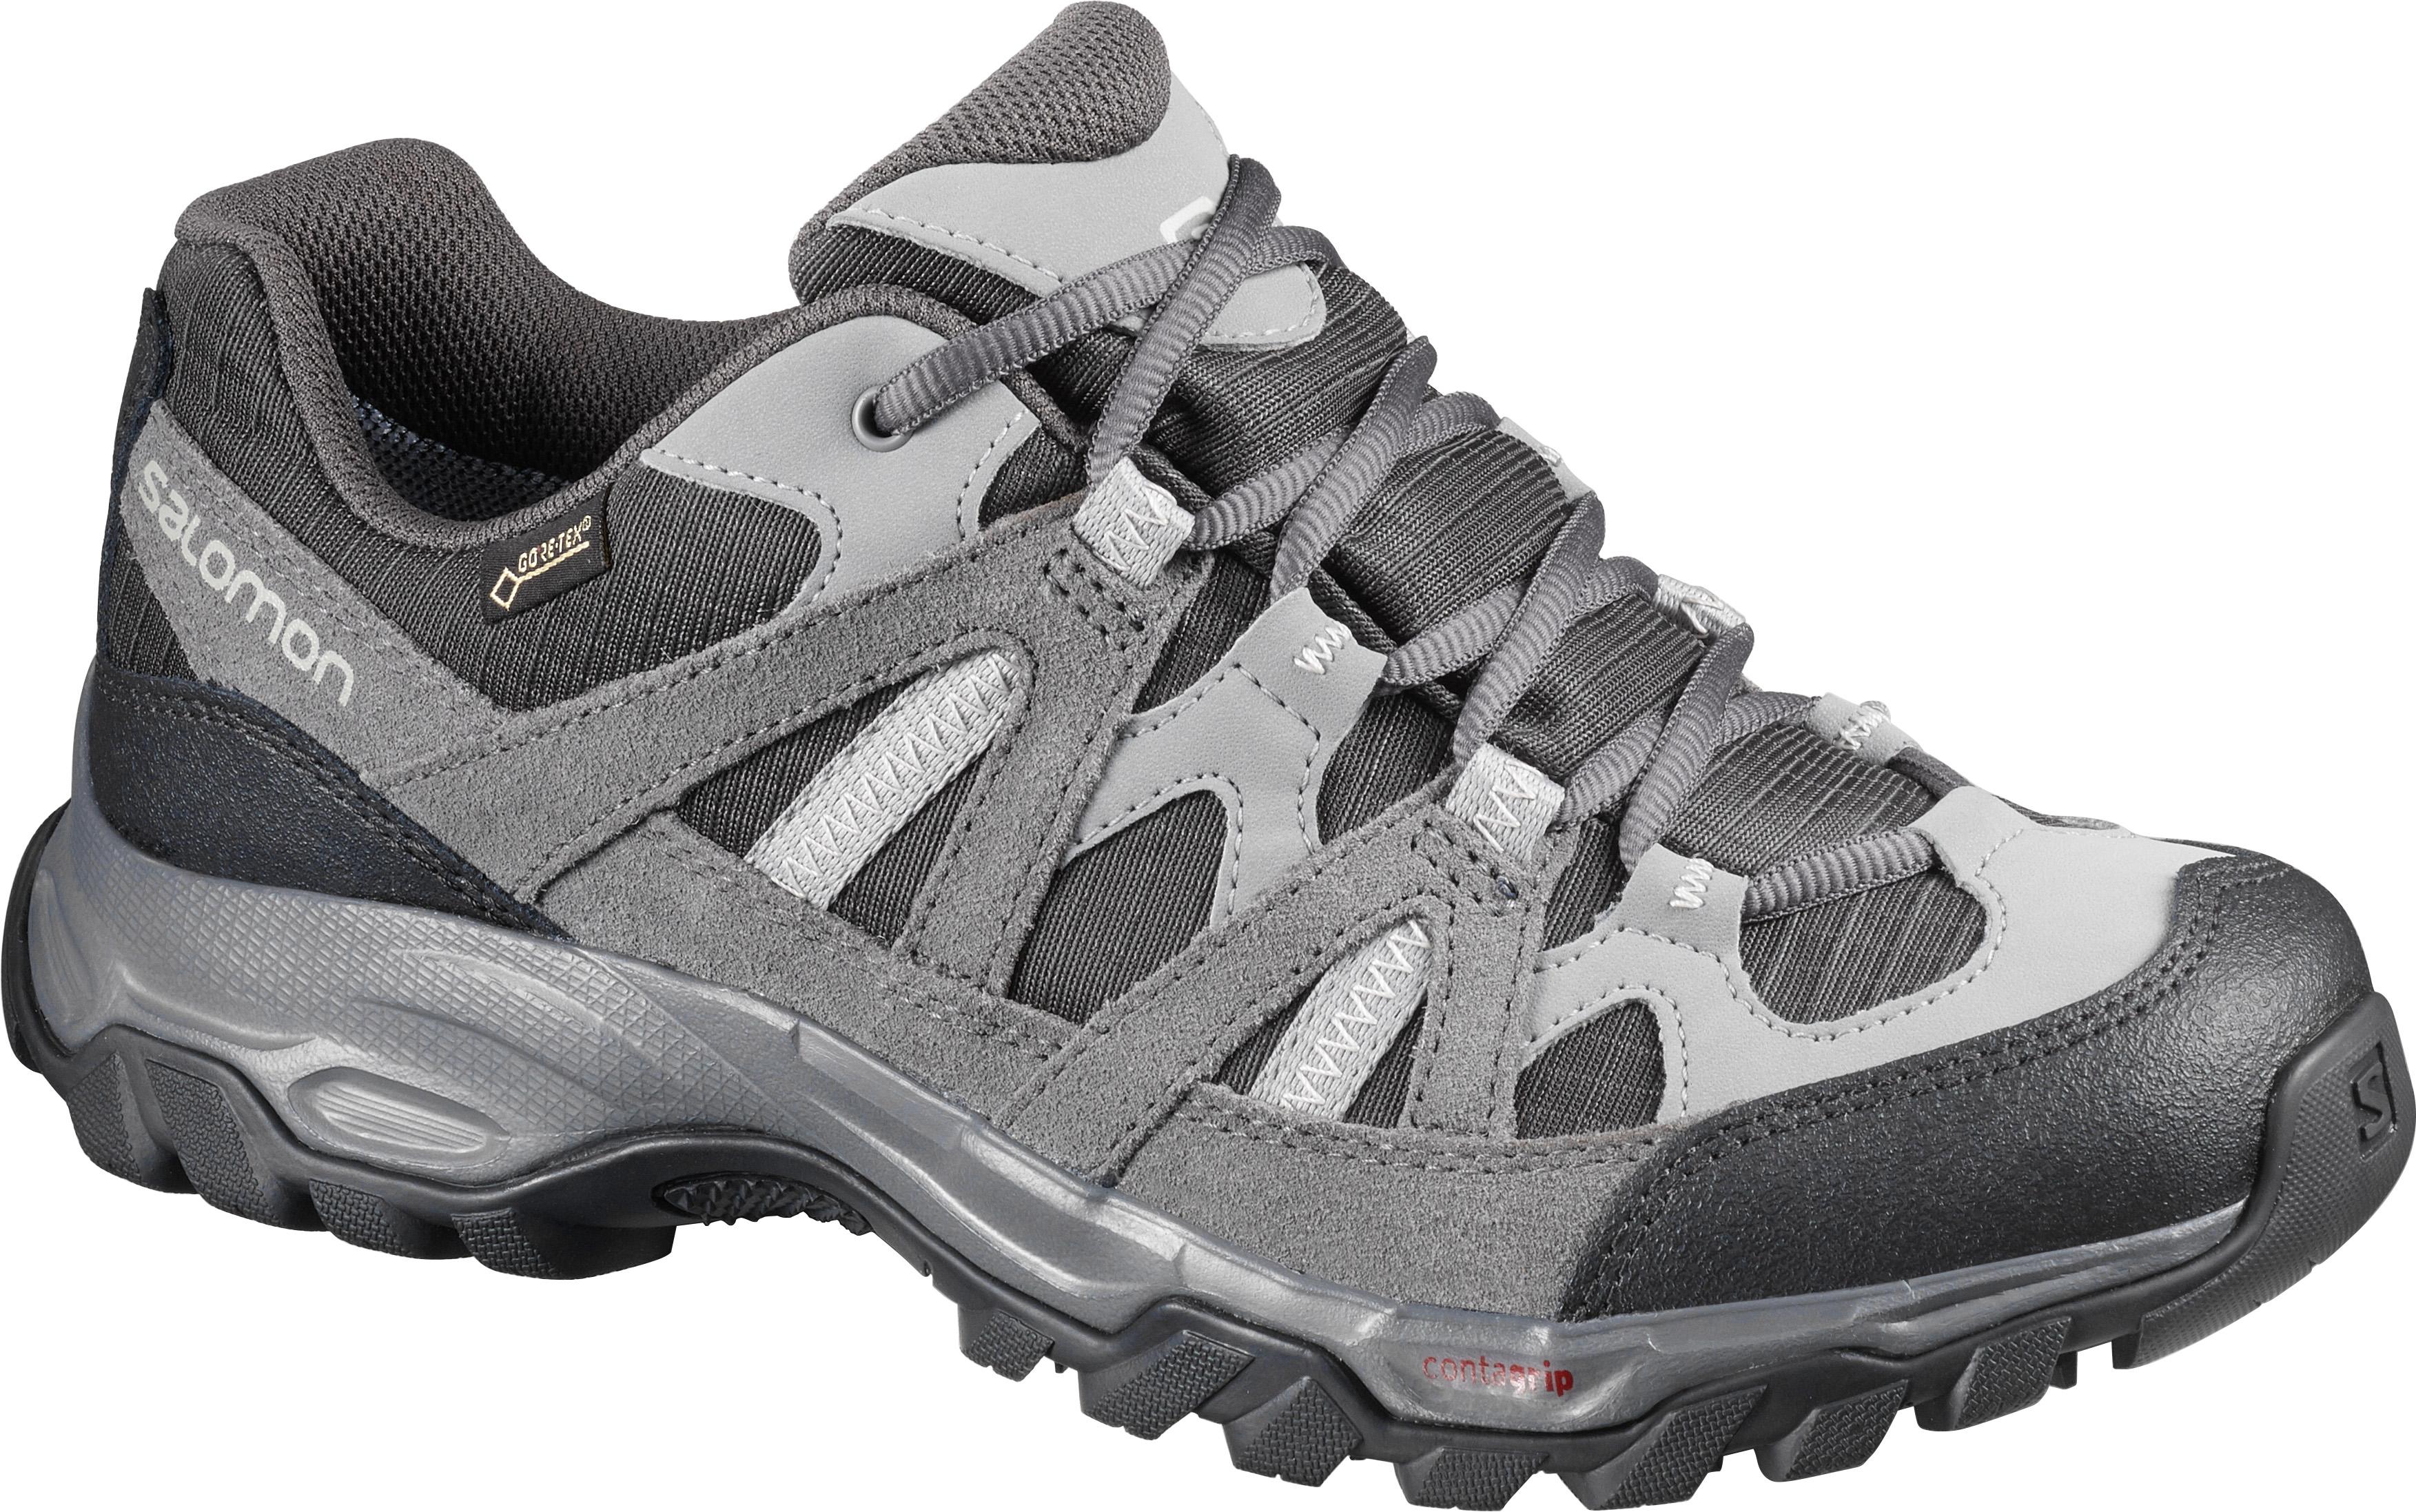 Salomon ESCAMBIA GTX W, cipele za planinarenje, siva